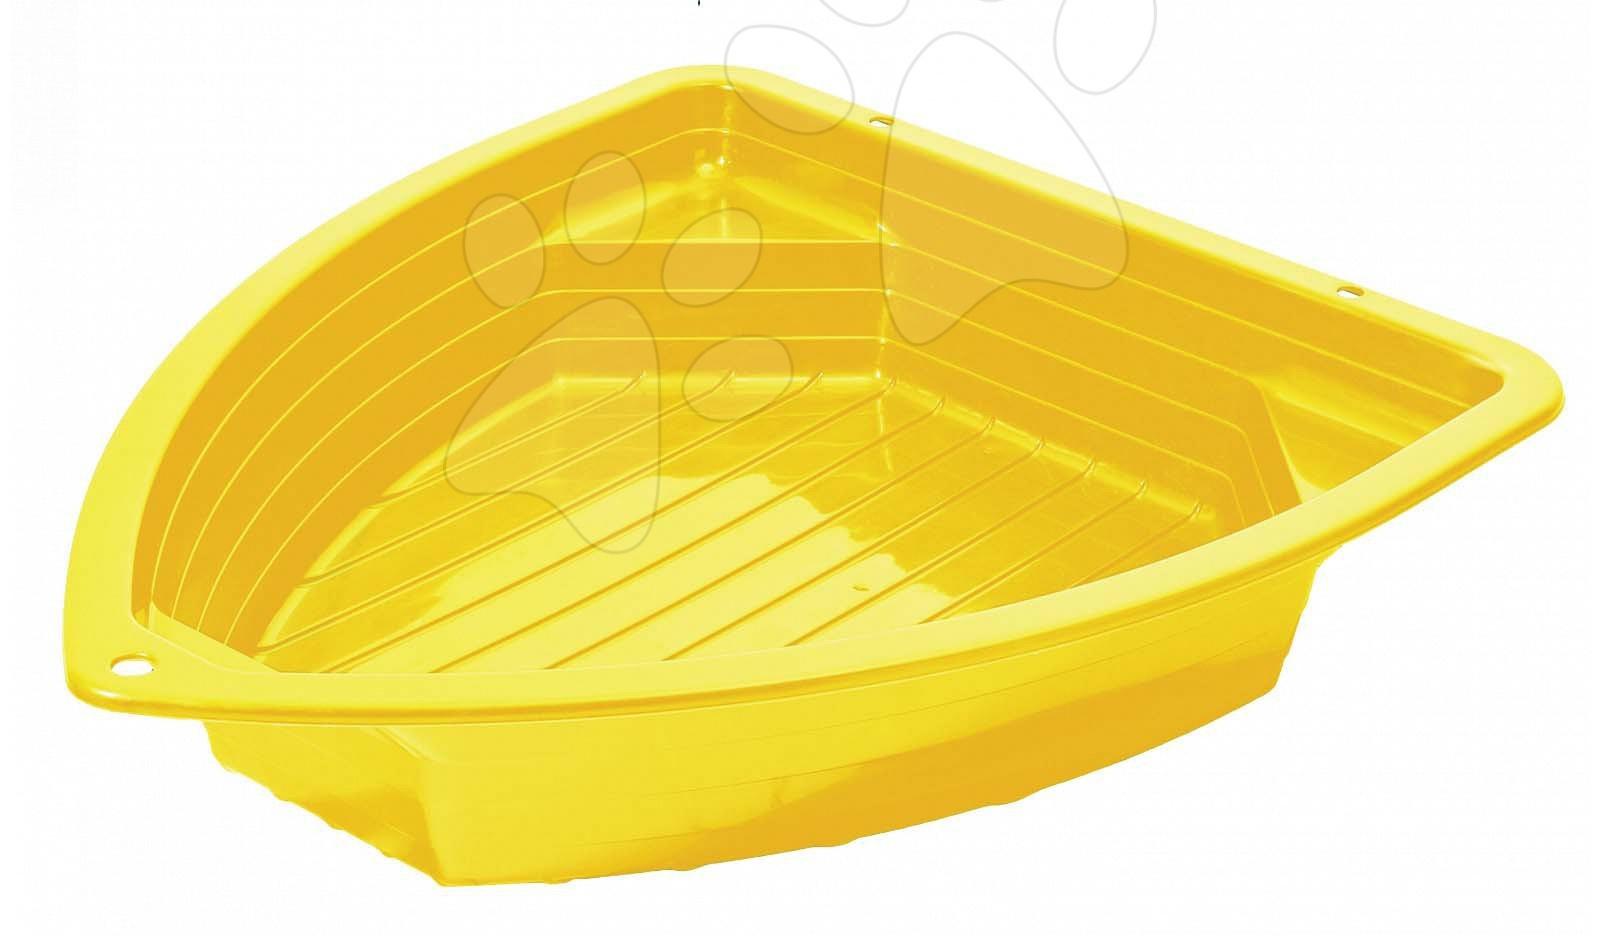 Homokozó padocskákkal Kishajó Starplast sárga (130 literes) 24 hó-tól